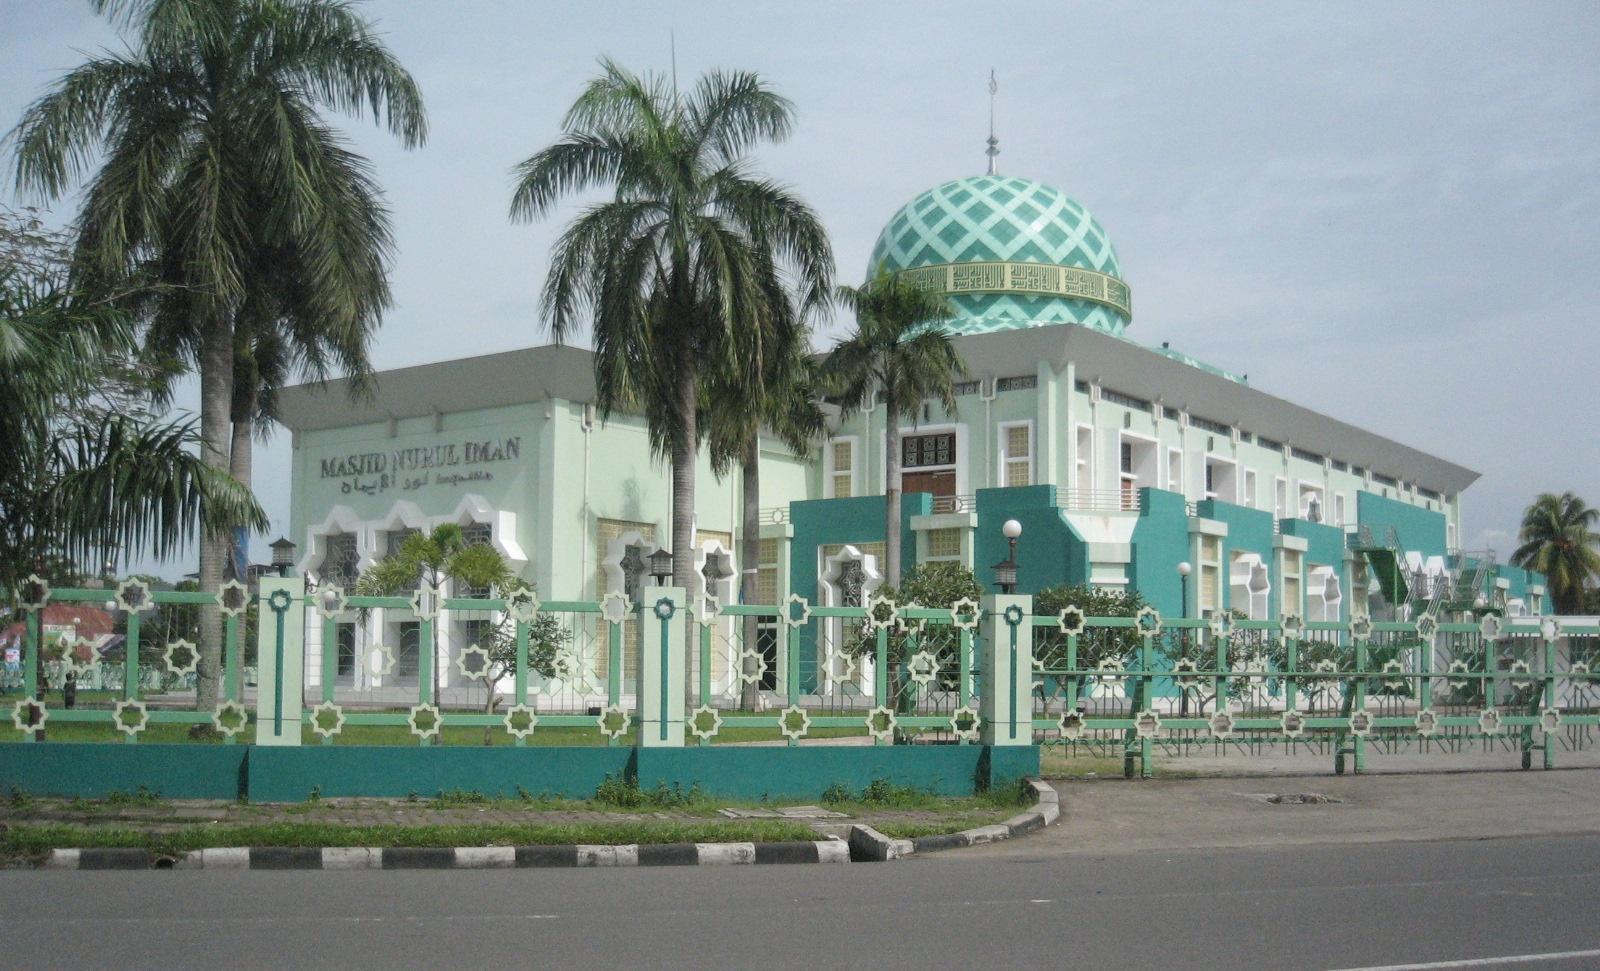 Menikmati Akhir Pekan di Nurul Iman Mosque, Blok M Square